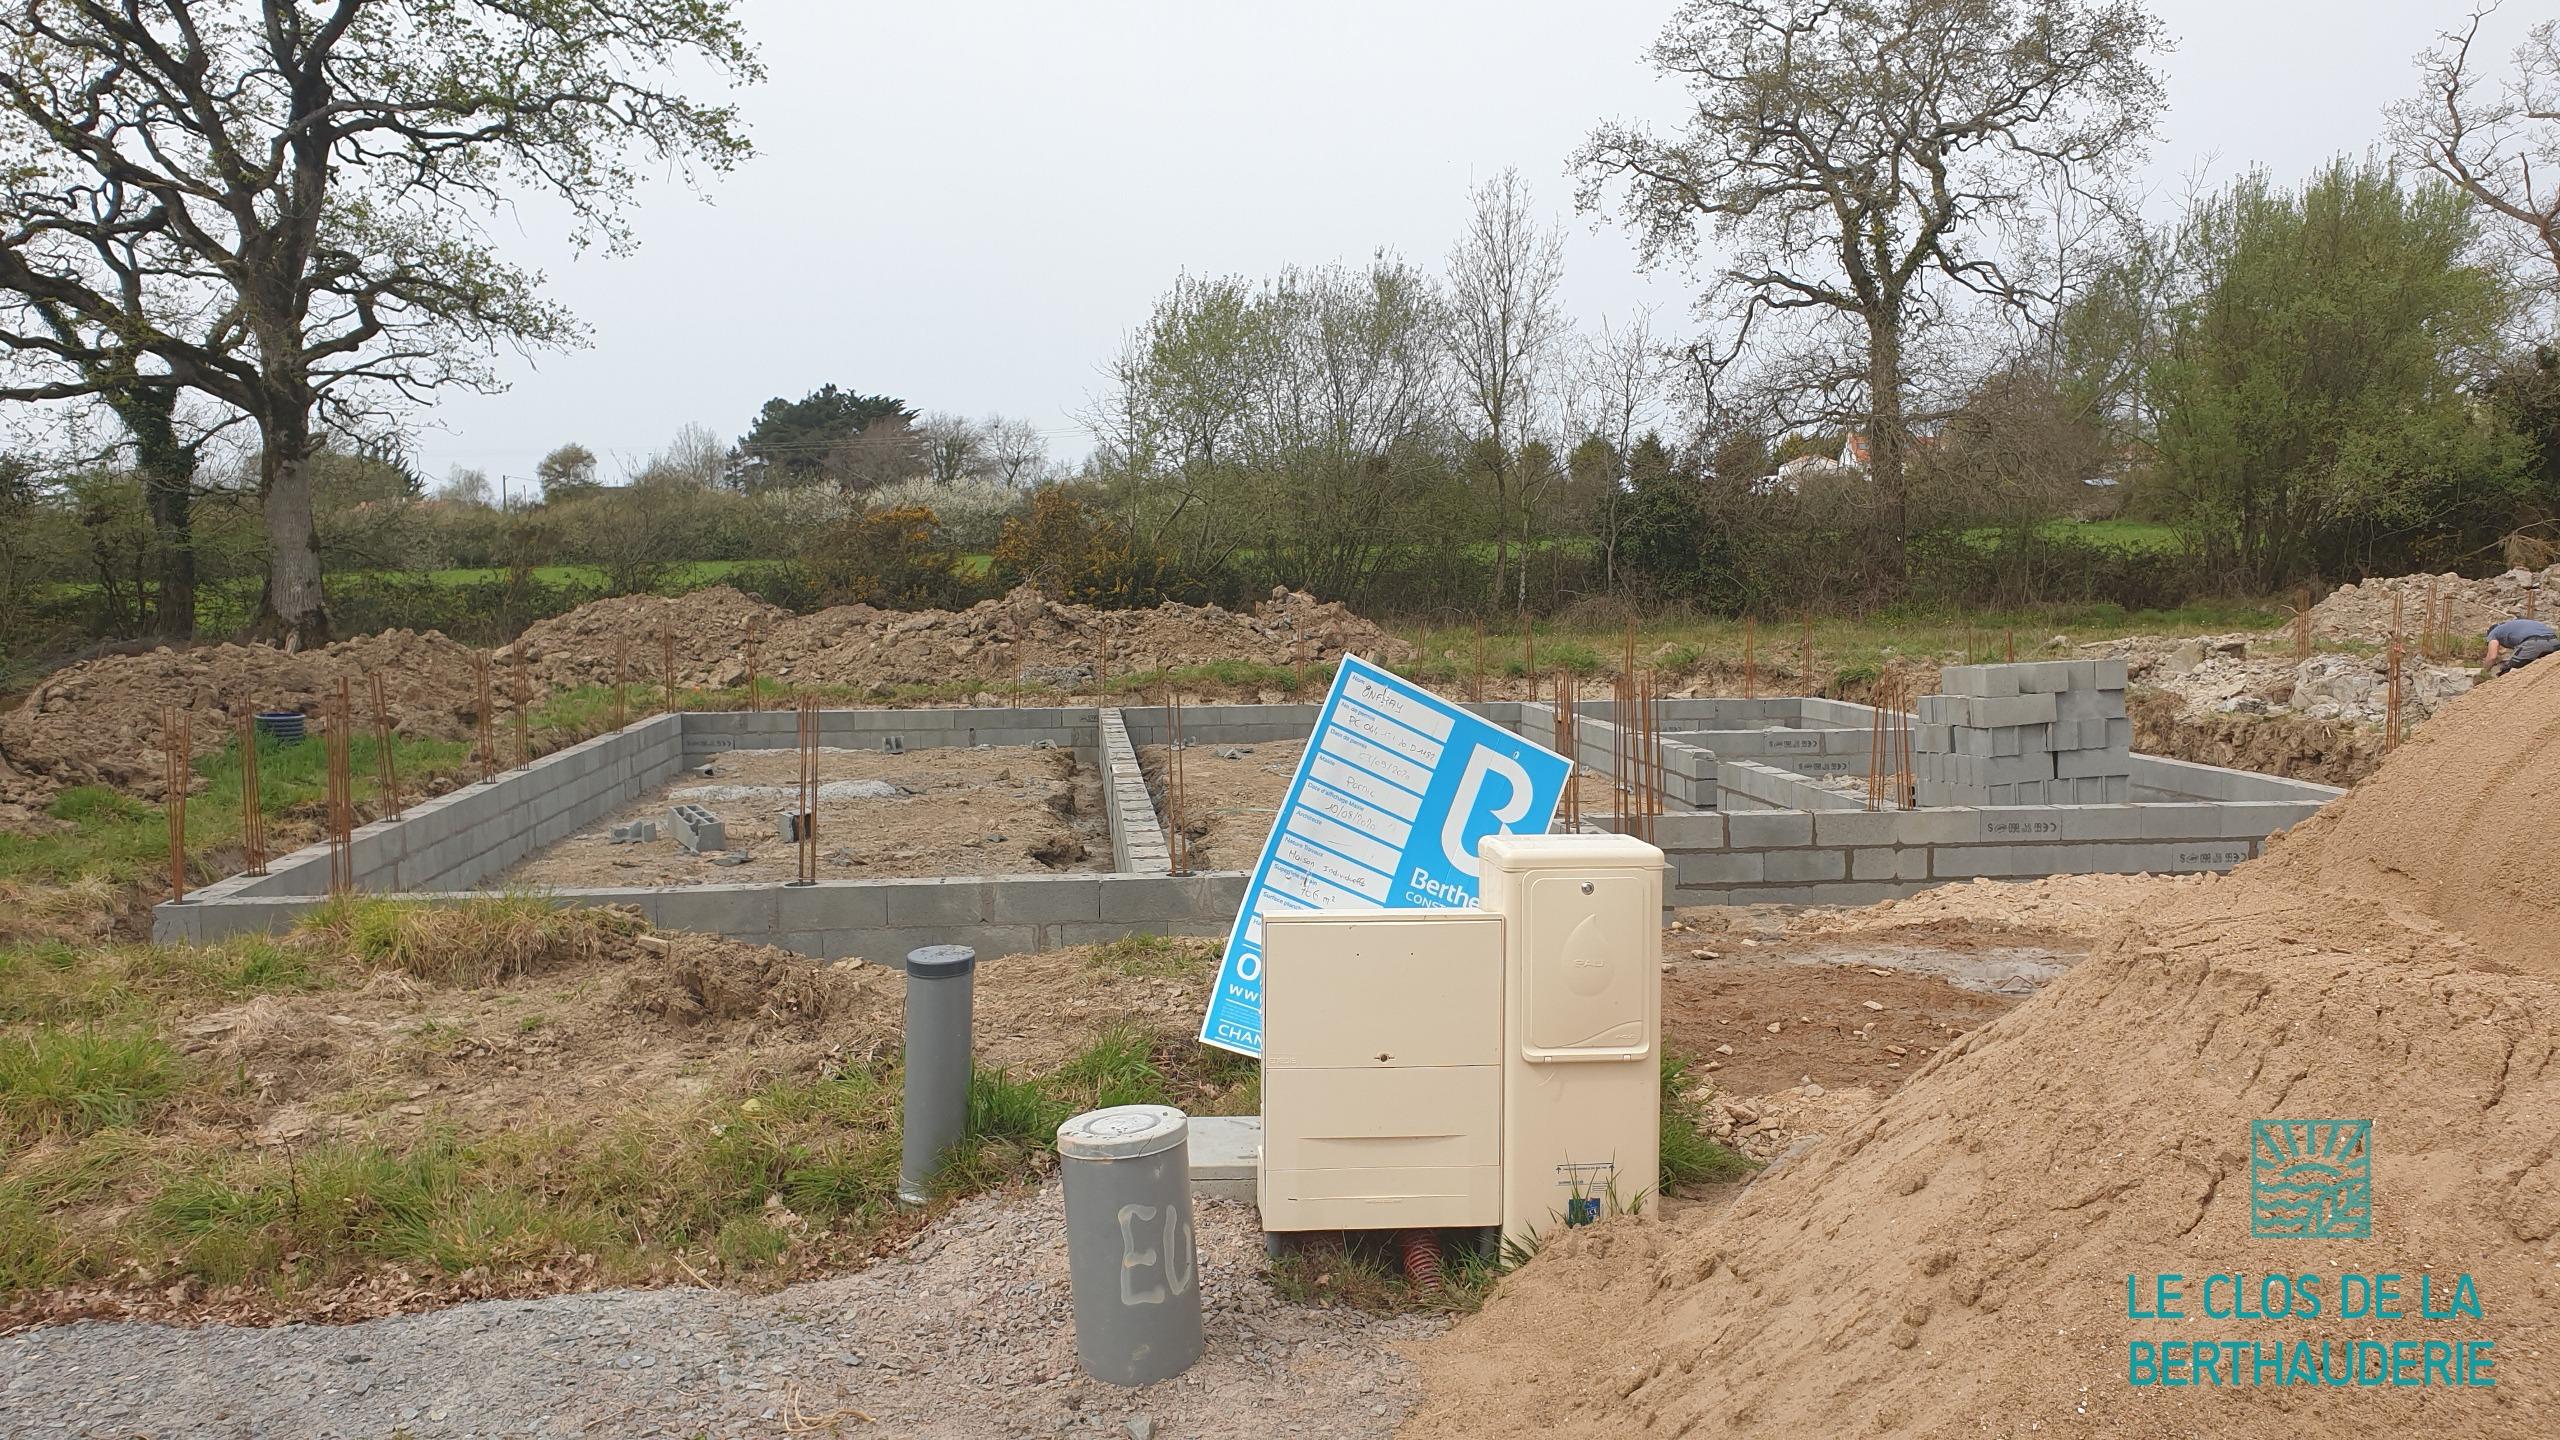 Démarrage de la construction des premières maisons au Clos de la Berthauderie à Pornic